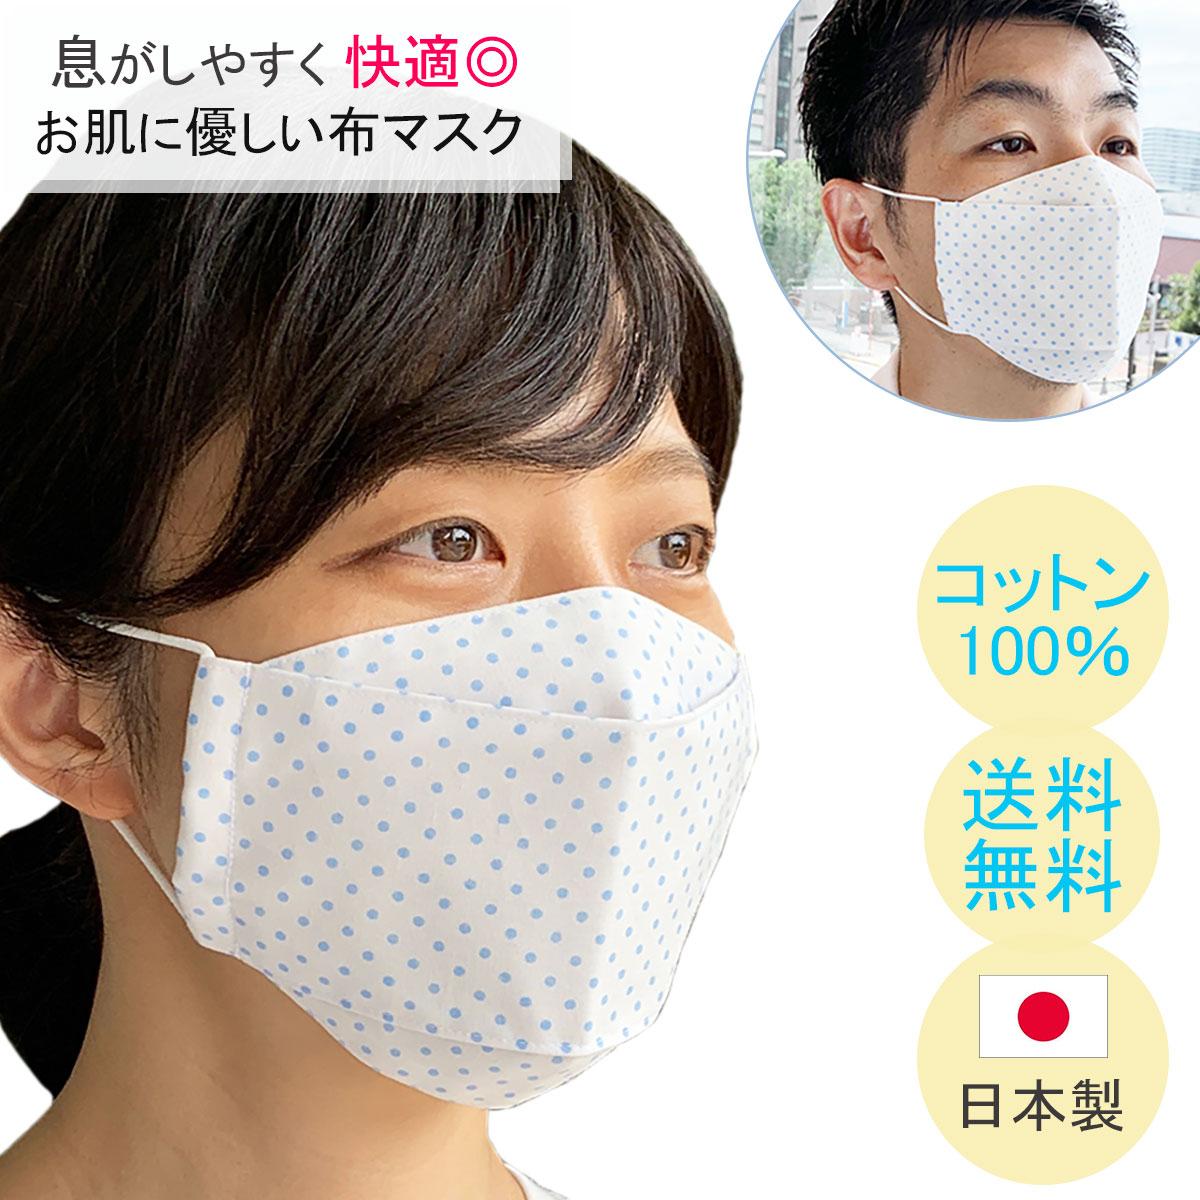 マスク 折り返し